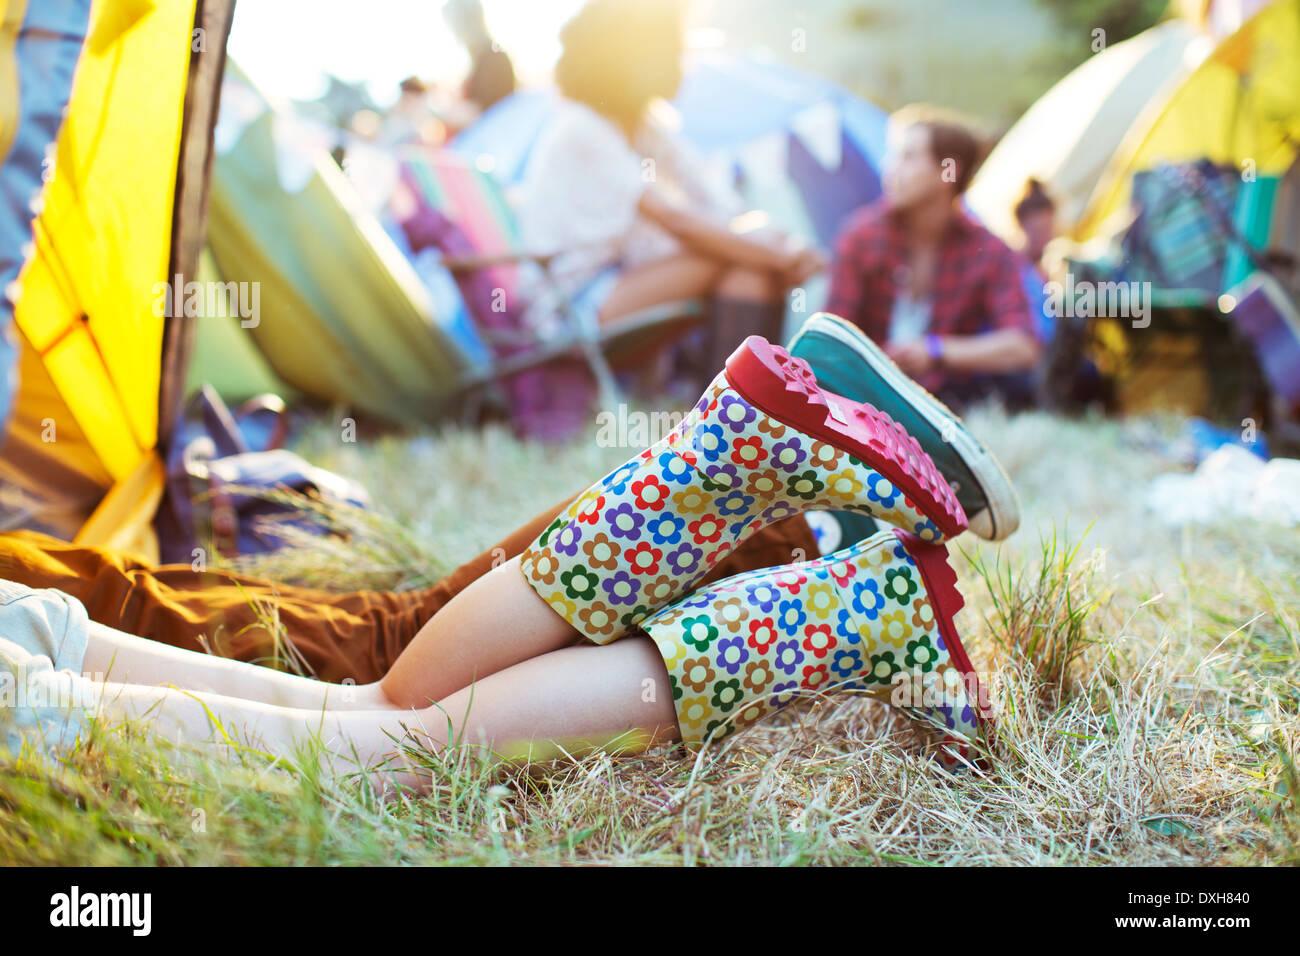 Piernas CoupleÍs sobresalen de la tienda en el festival de música Imagen De Stock